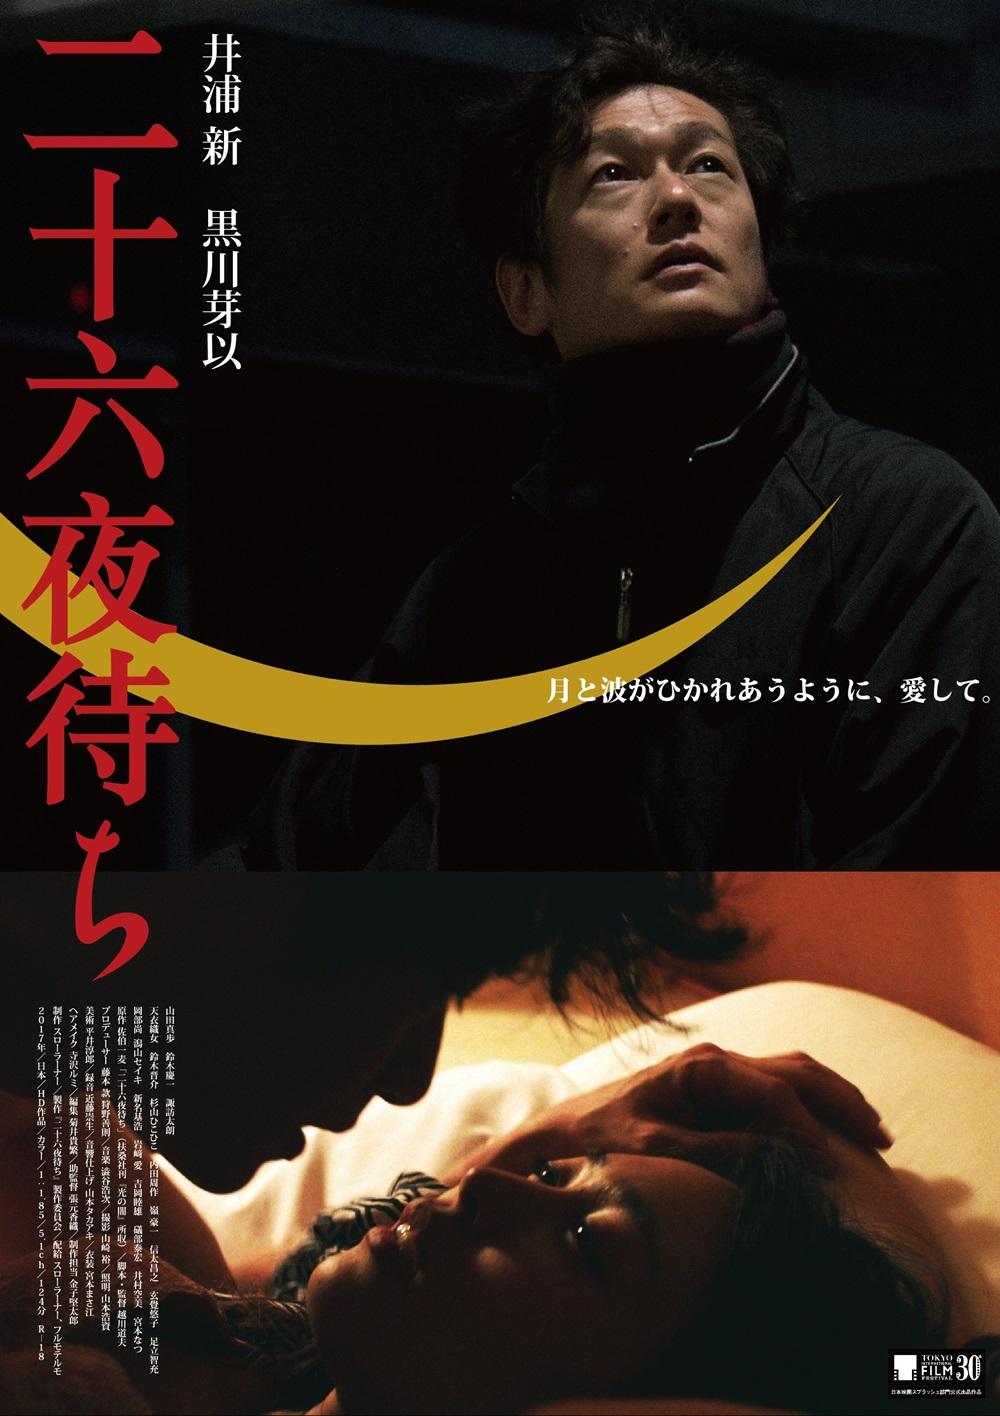 【画像】映画『二十六夜待ち』ポスタービジュアル